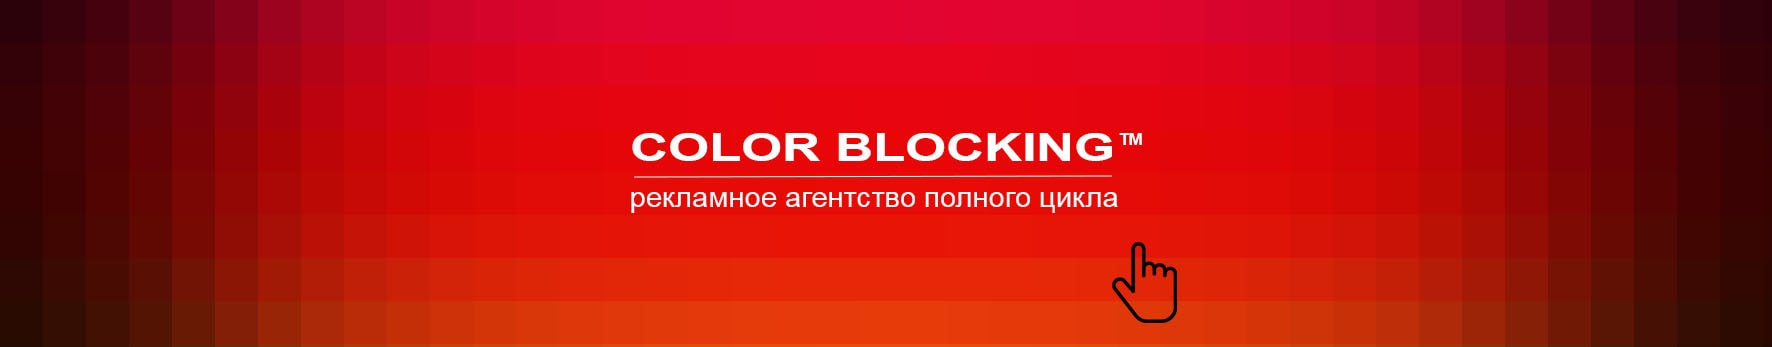 Рекламные щиты в Грозном агентство